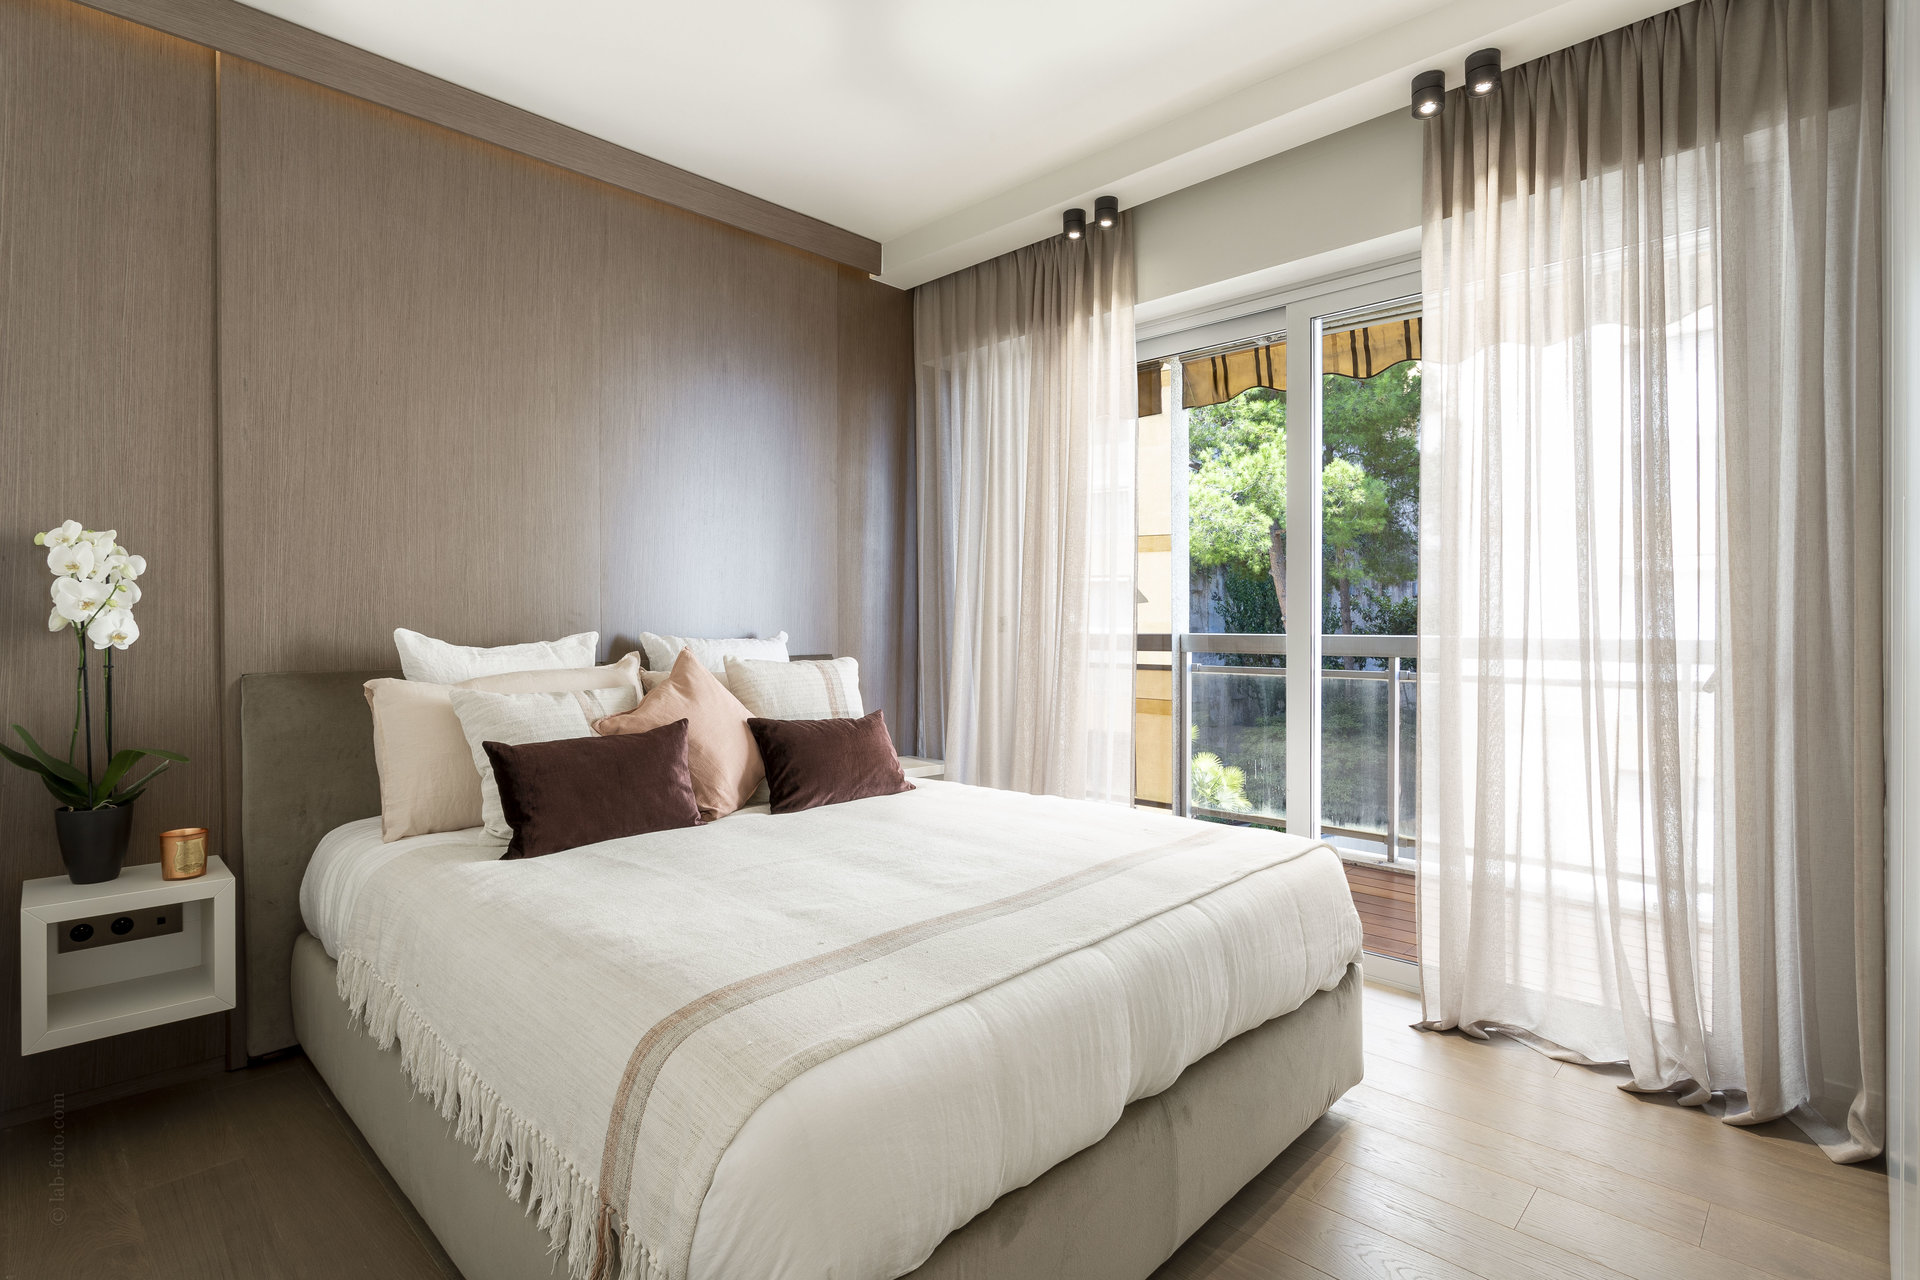 Sale Apartment - Monaco Larvotto - Monaco